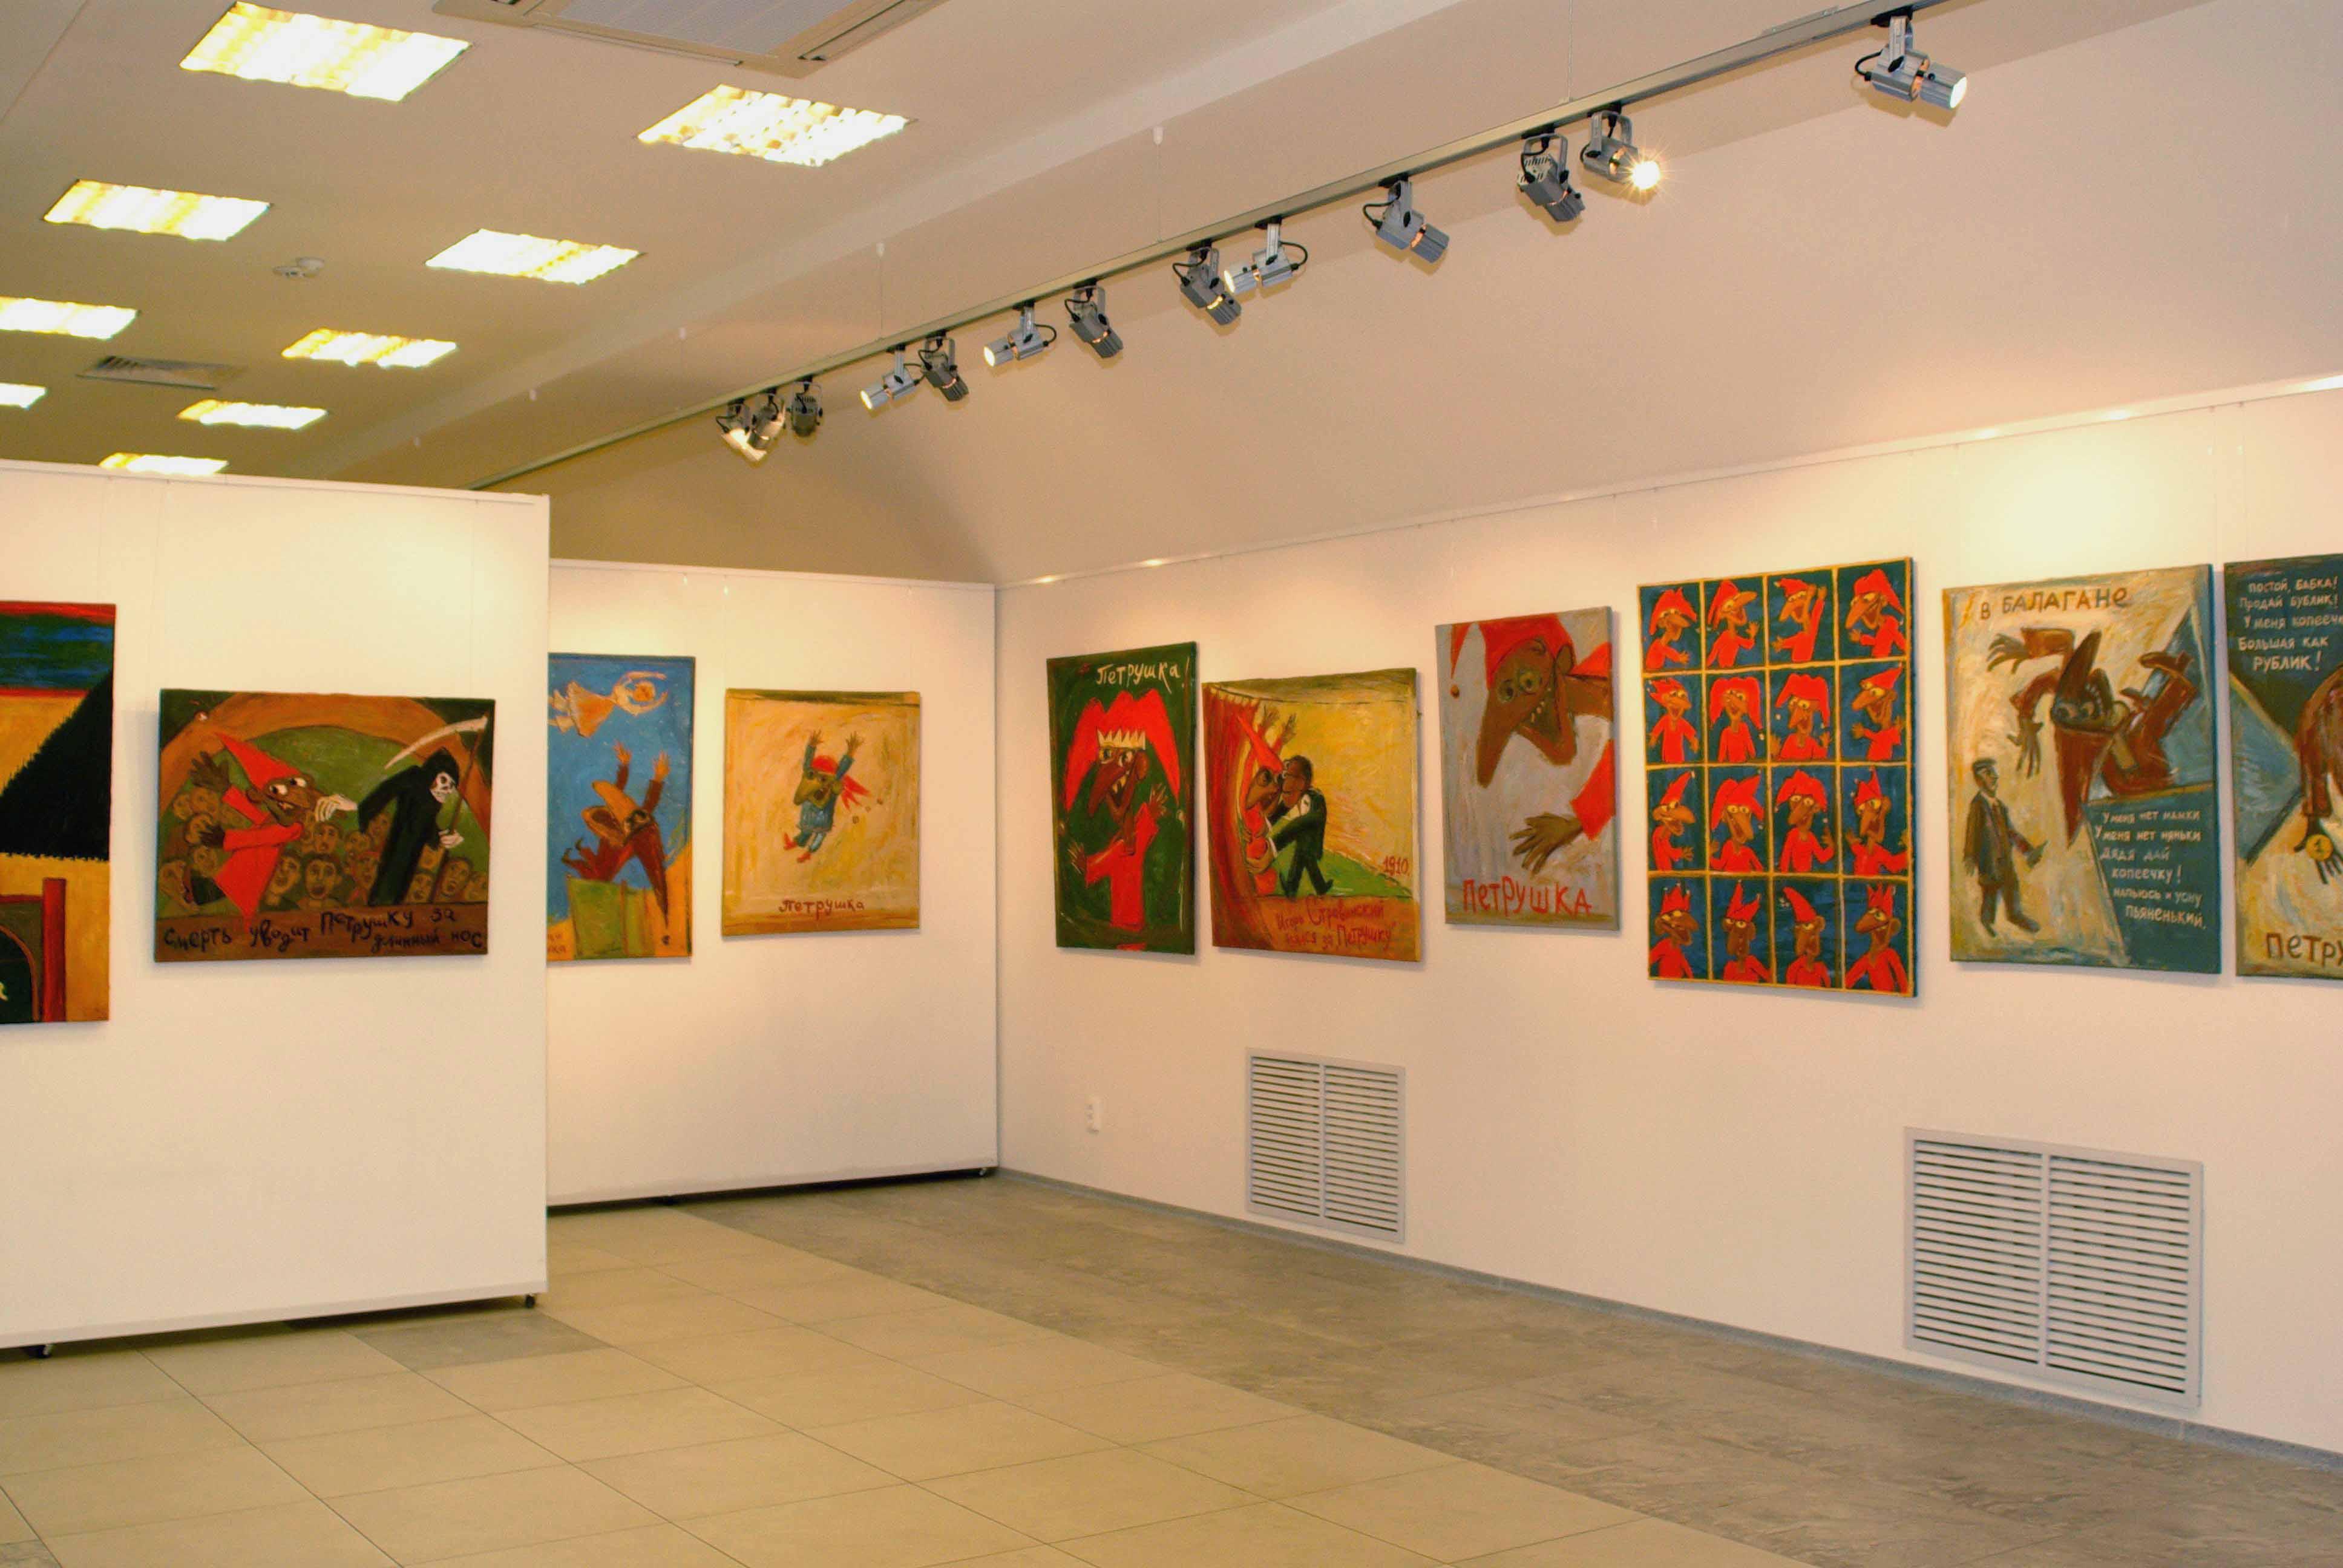 В День семьи, мира и согласия кыргызсатнцы смогут бесплатно посетить музей ИЗО